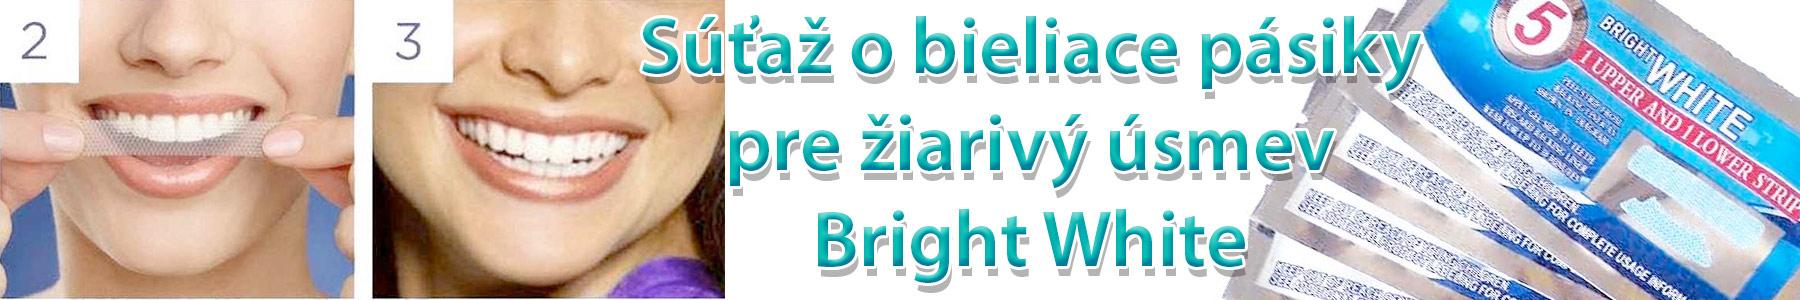 Súťaž o bieliace pásiky pre žiarivý úsmev Bright White